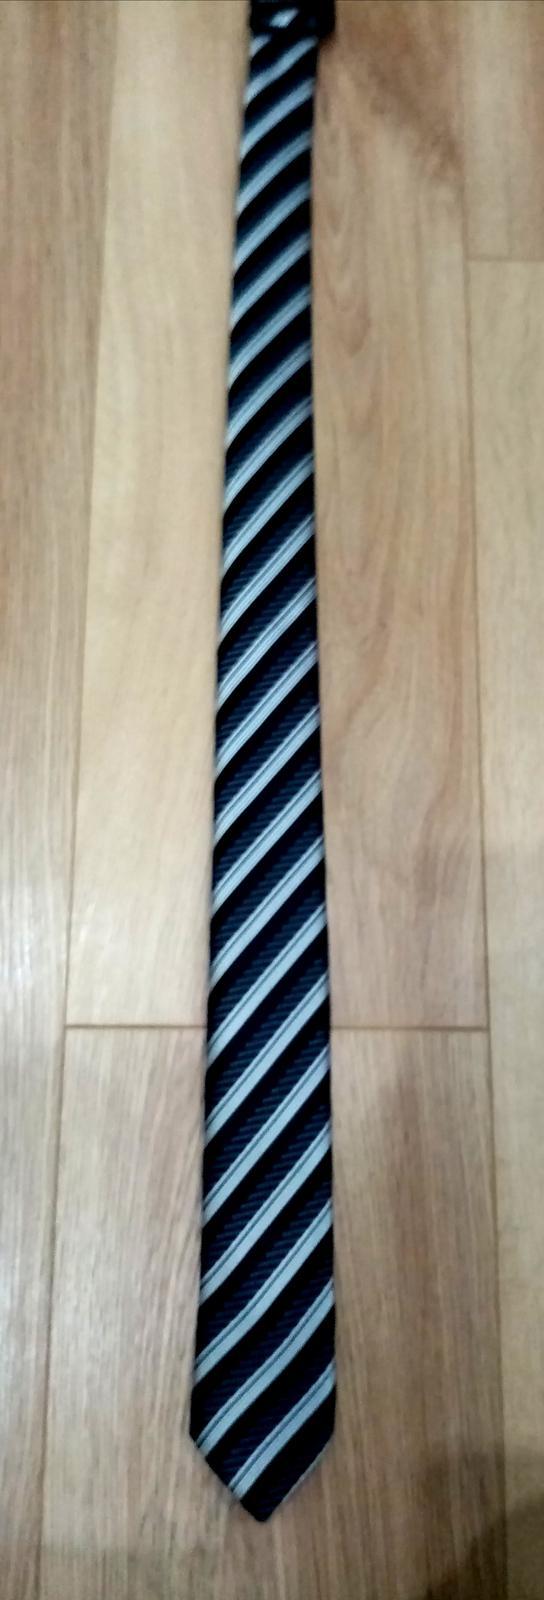 Tmavá kravata  - Obrázok č. 1